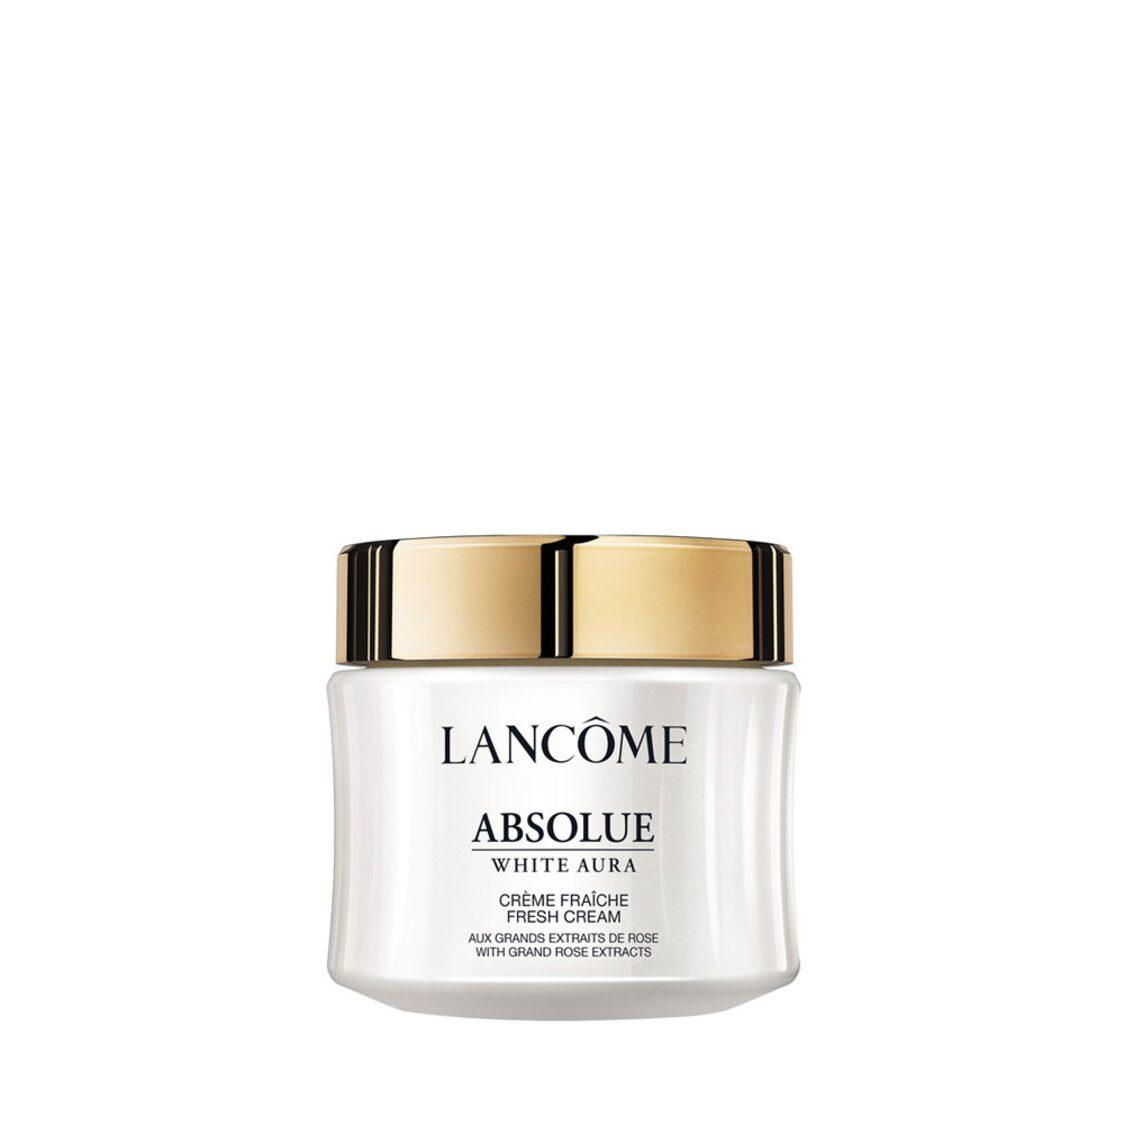 Lancome Absolue White Aura Fresh Cream 60ml